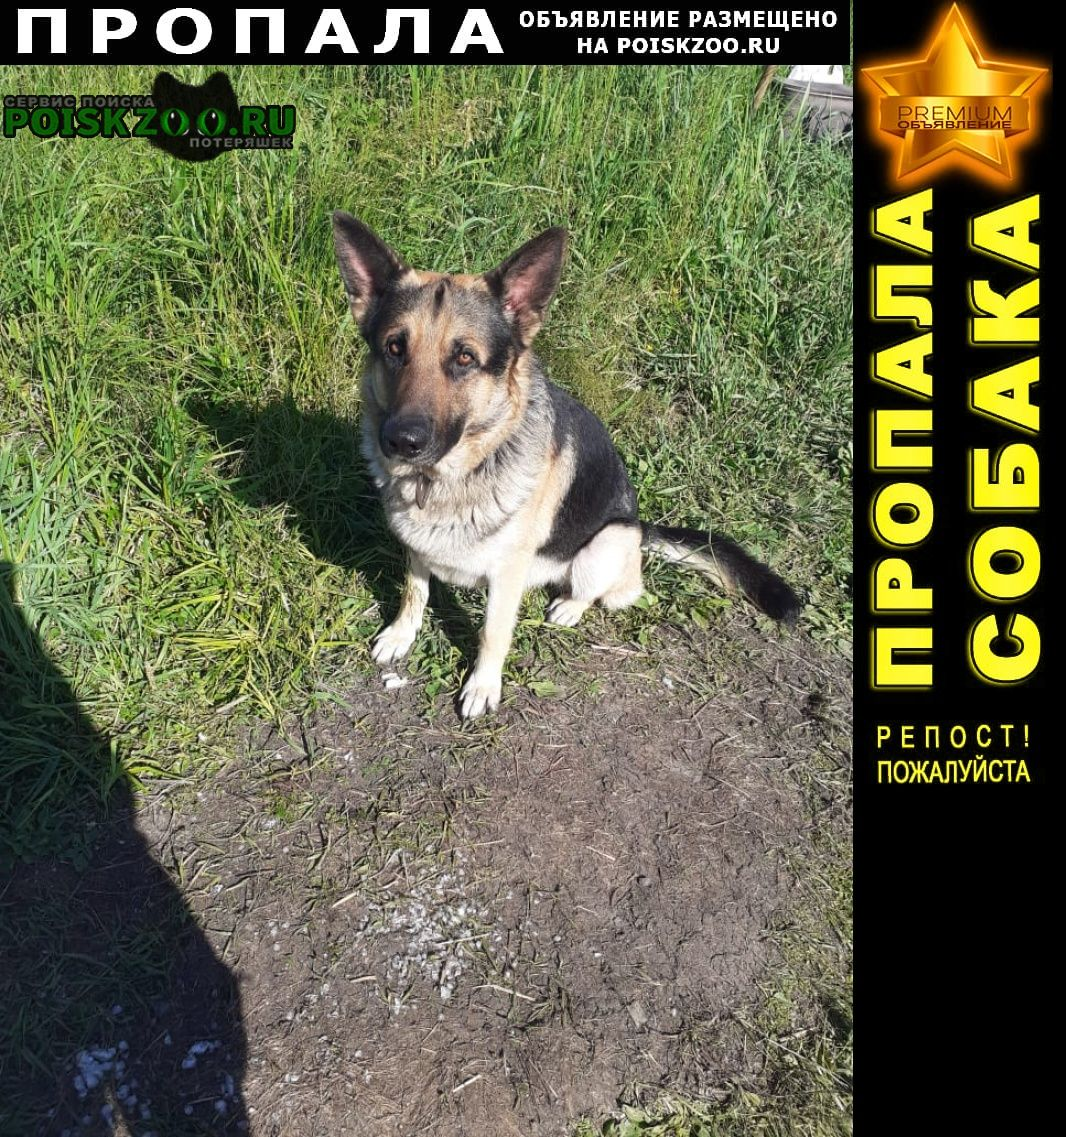 Пропала собака немецкая овчарка, кличка гред, на шее цепь Уфа